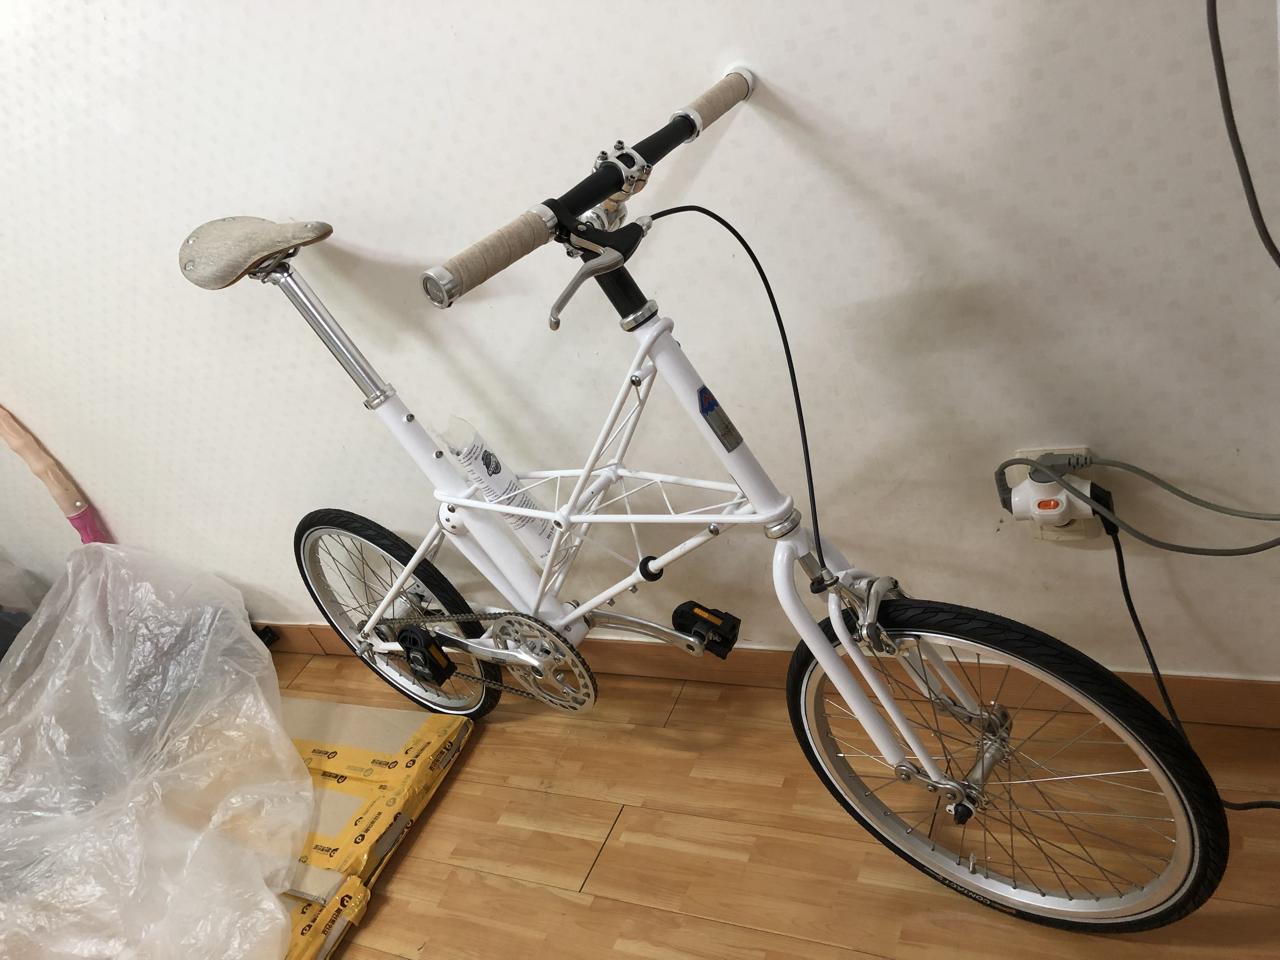 [쿨거래할인] Moulton Tsr2 화이트 색상 몰튼자전거 미니벨로  새상품 서울지역 직거래